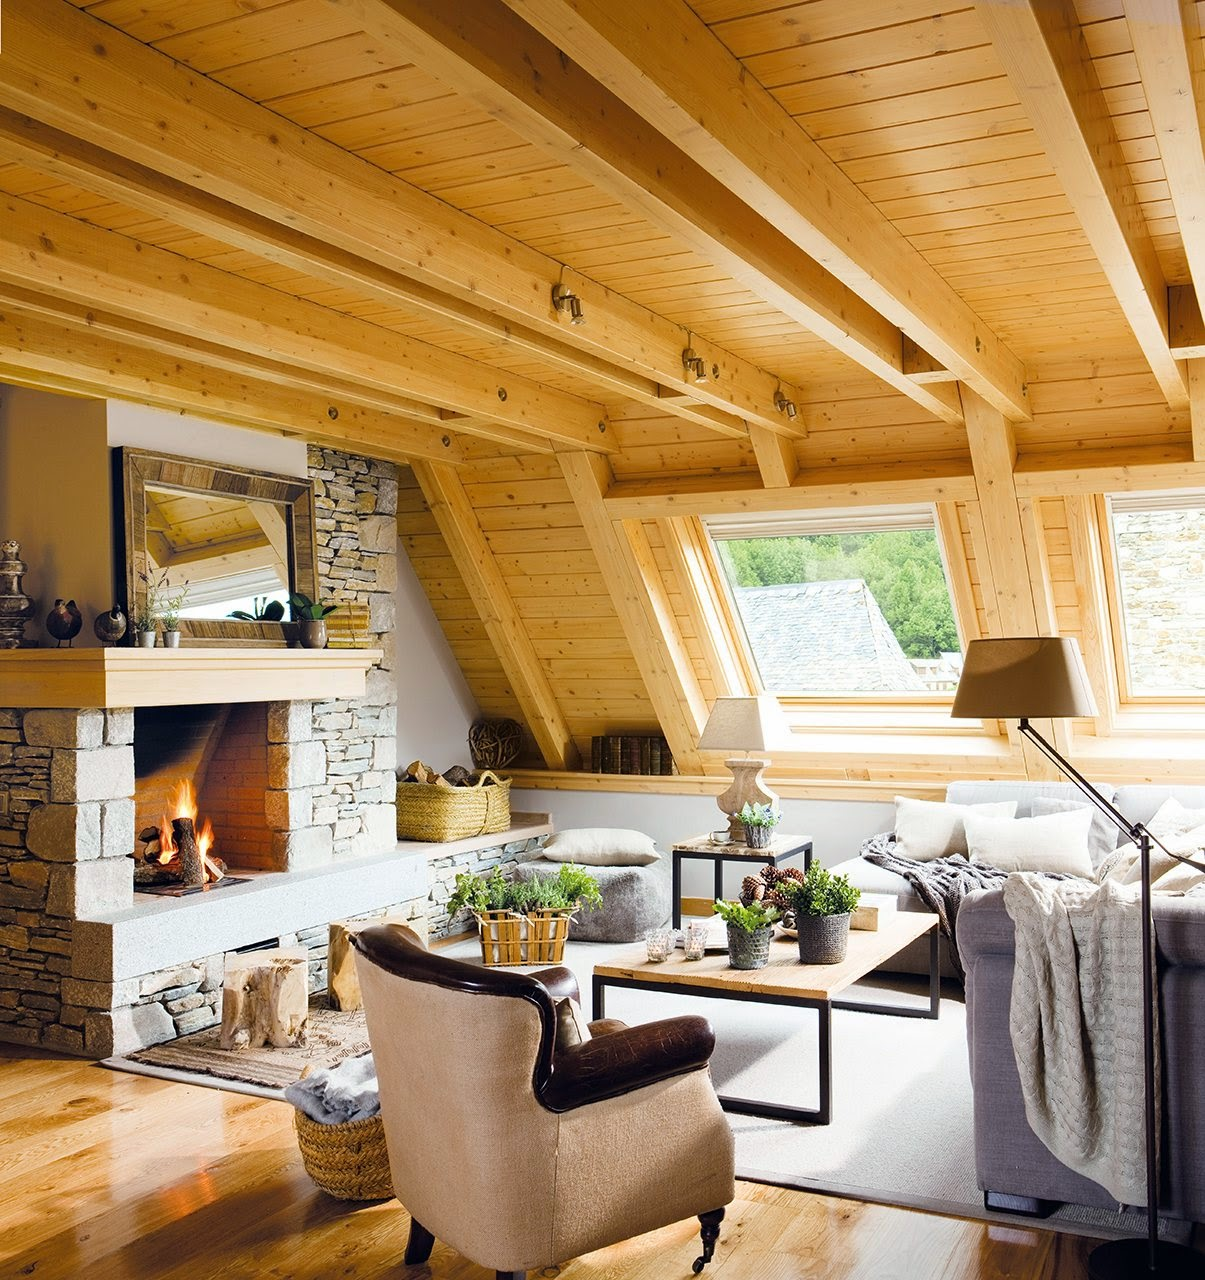 la buhardilla es un espacio apropiado para ampliar la vivienda si la usas para situar los dormitorios